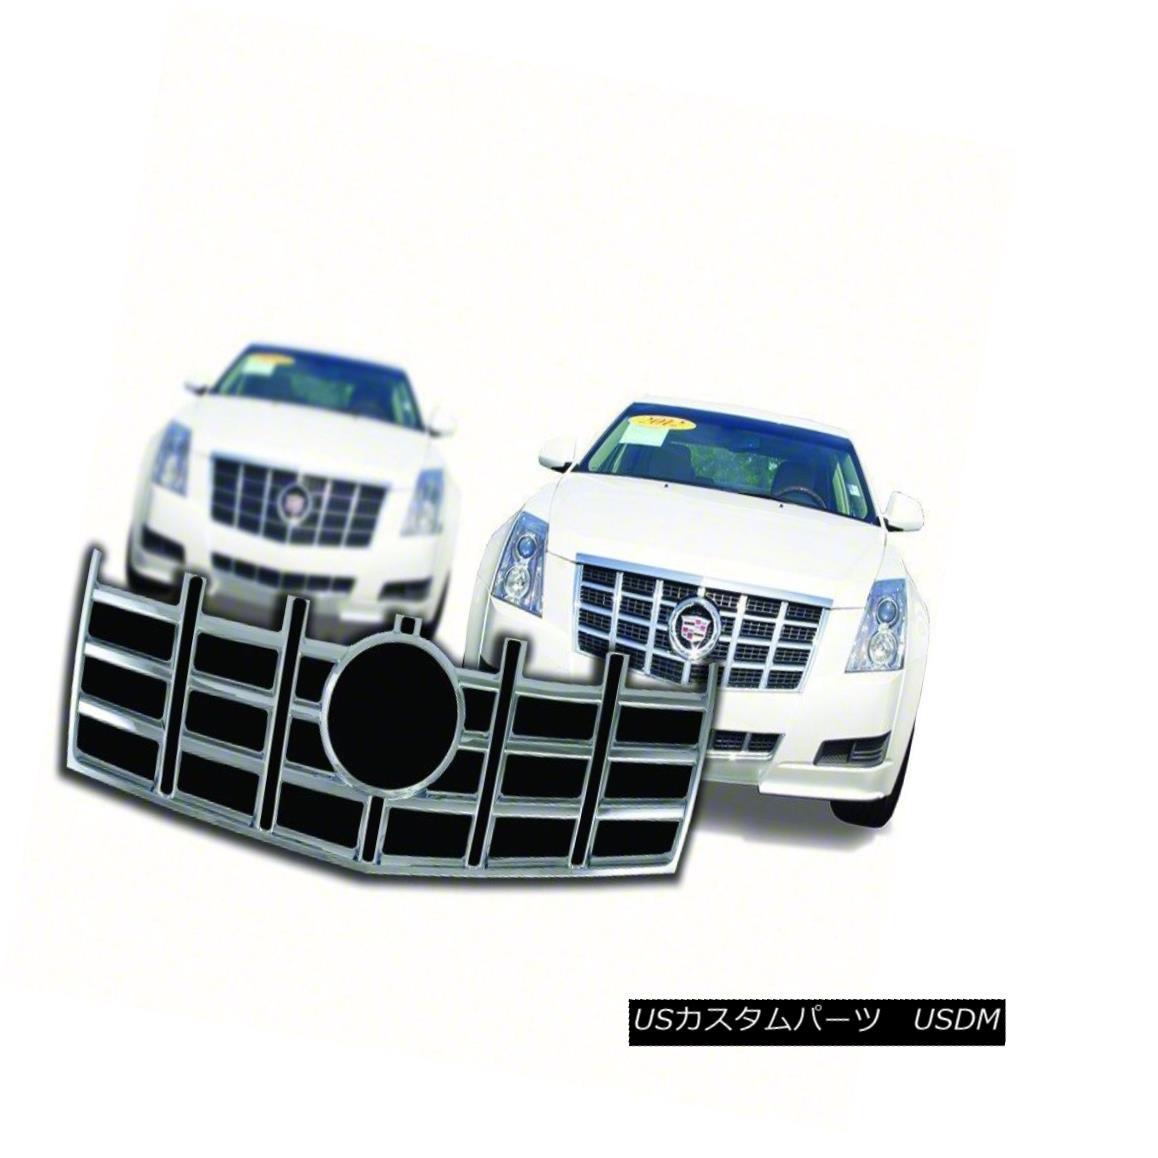 グリル Fits 2012-13 Cadillac CTS Chrome Grille Overlay-IWCGI111 フィット2012-13キャデラックCTSクロームグリルオーバーレイ-IWCGI1 11